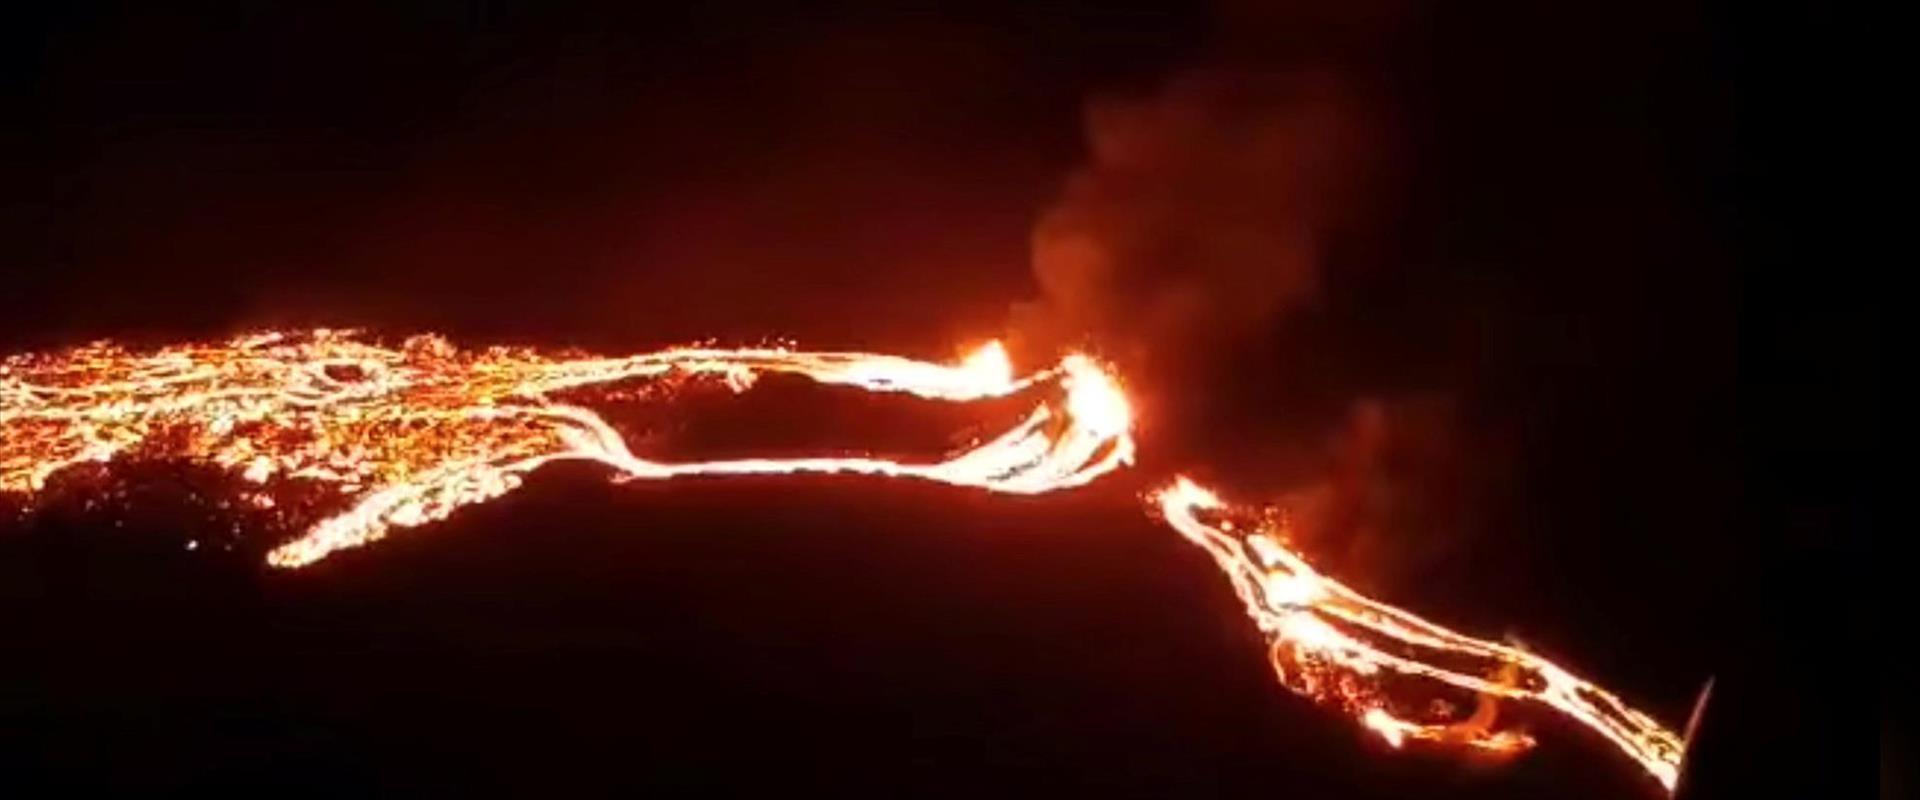 התפרצות הר הגעש פאגראדלס באיסלנד, הלילה